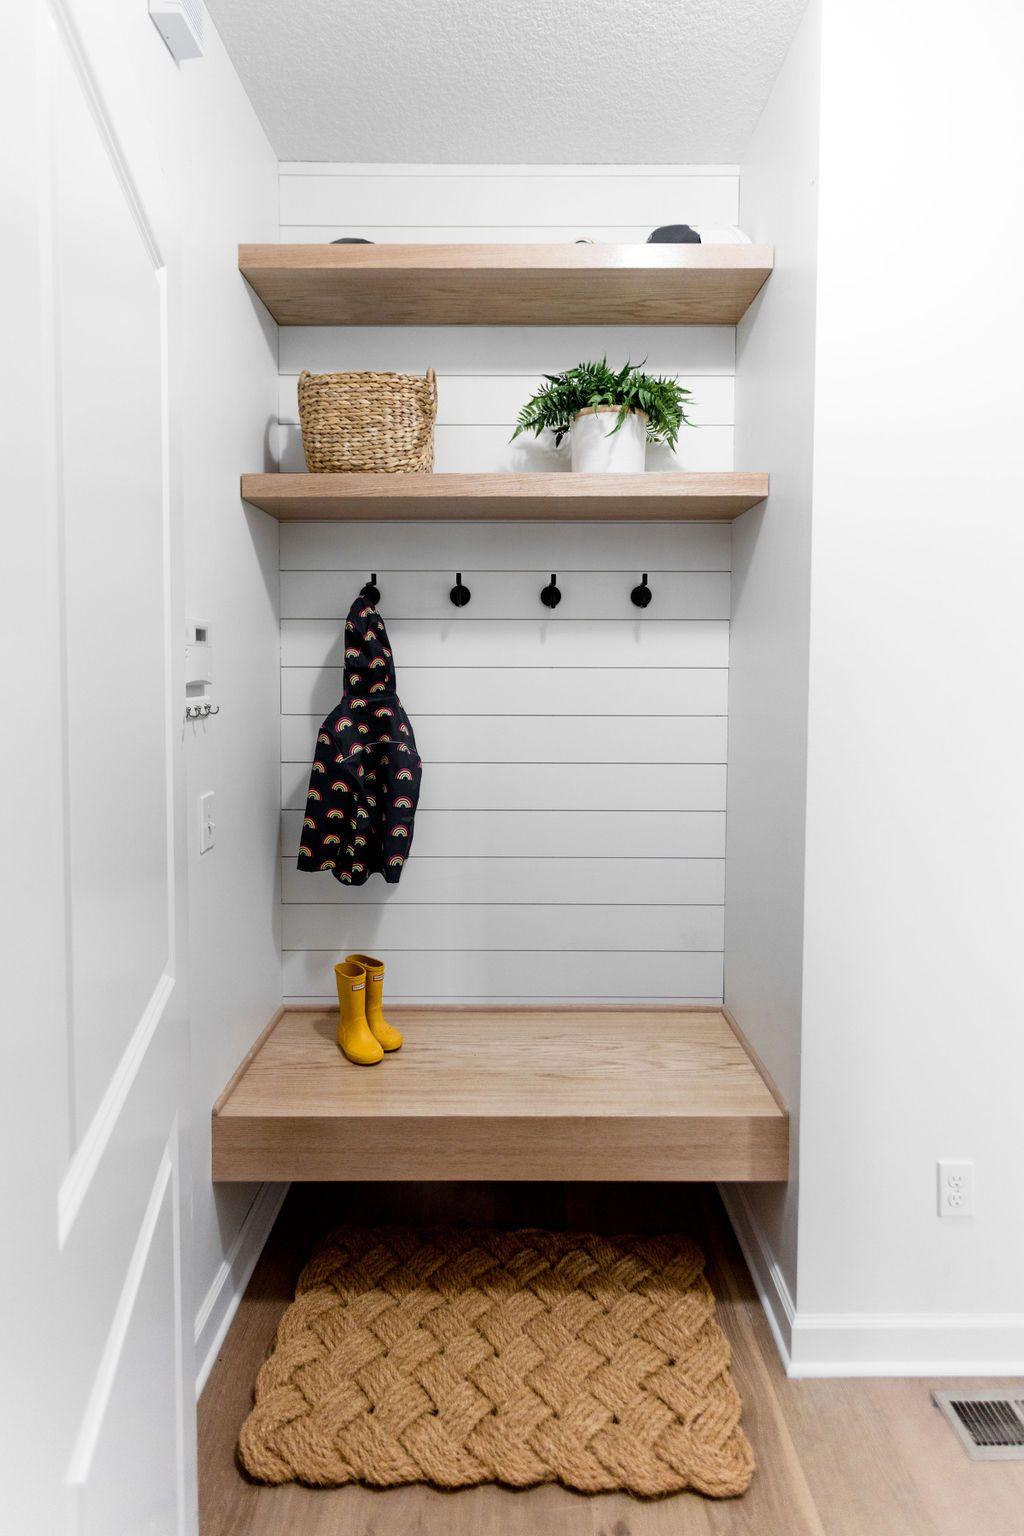 Queensland Mudroom Refresh Construction2style Mud Room Storage Small Mudroom Ideas Mudroom Decor